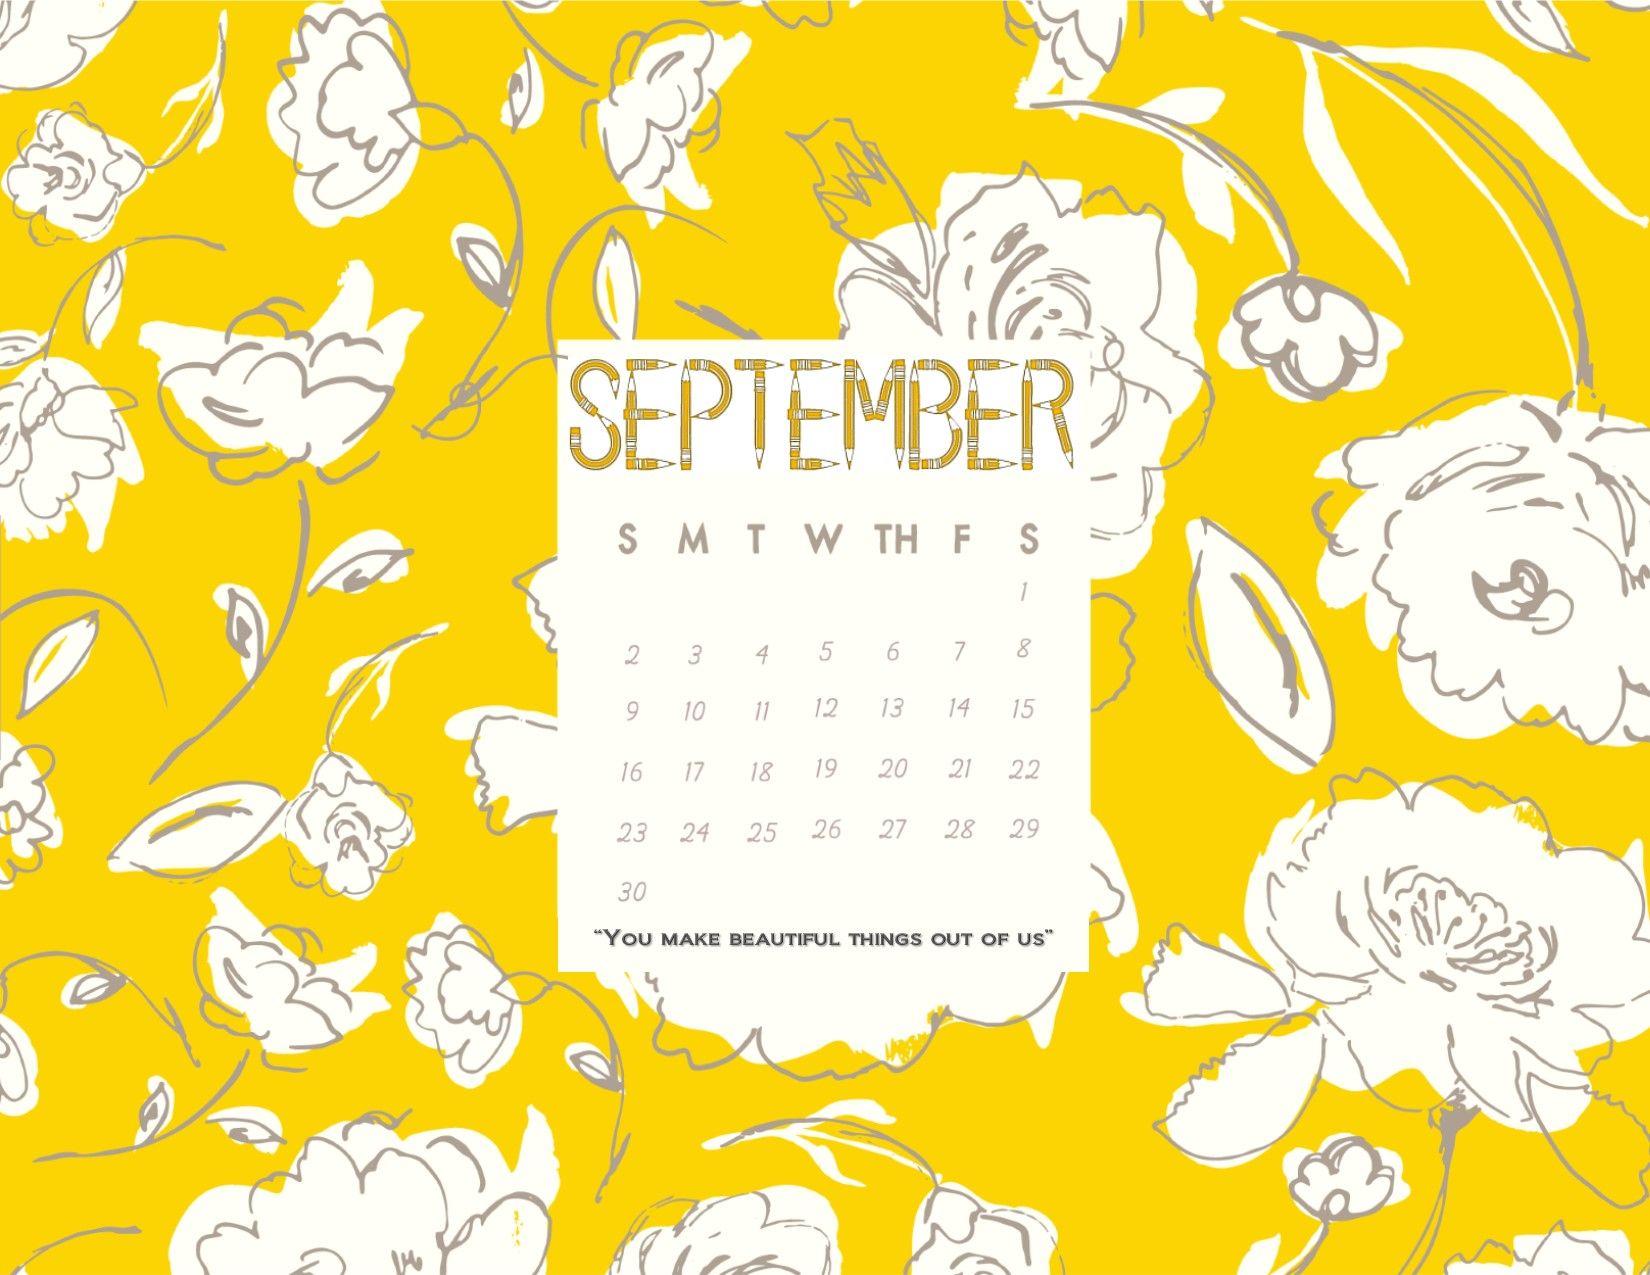 Desktop Calendar Wallpaper Creator : September 2018 desktop calendar wallpaper you make beautiful things